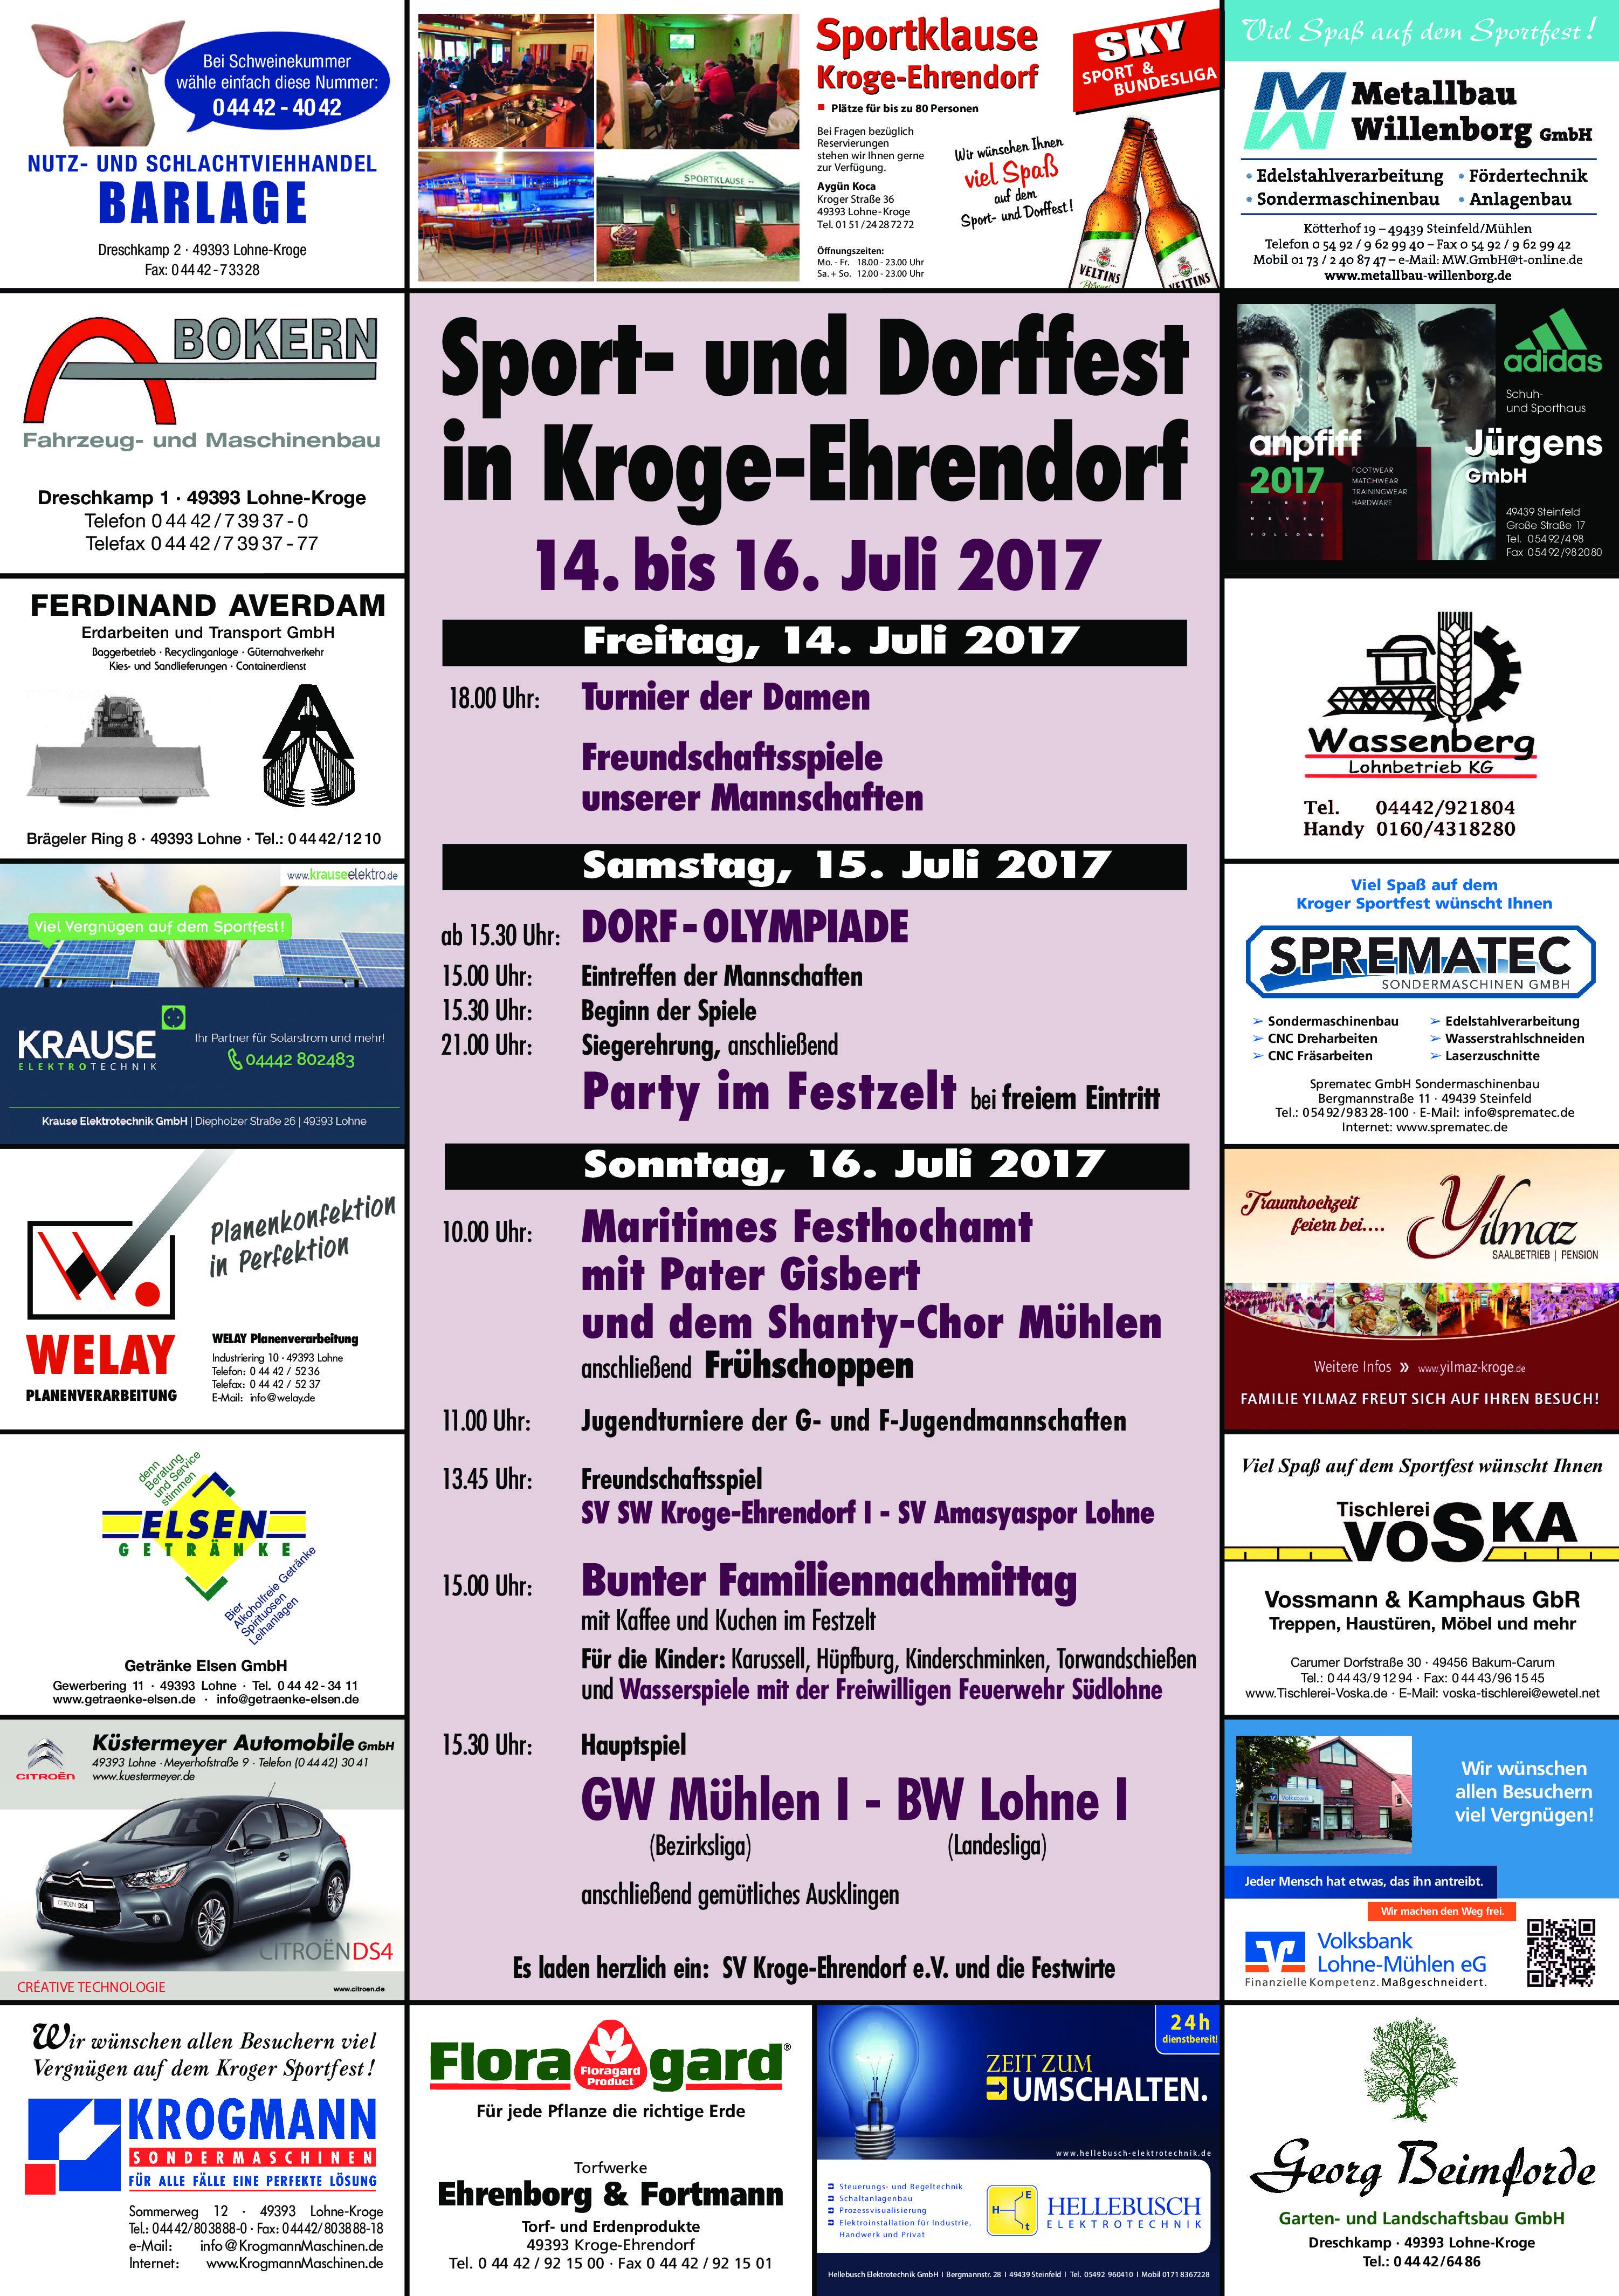 Sport- und Dorffest